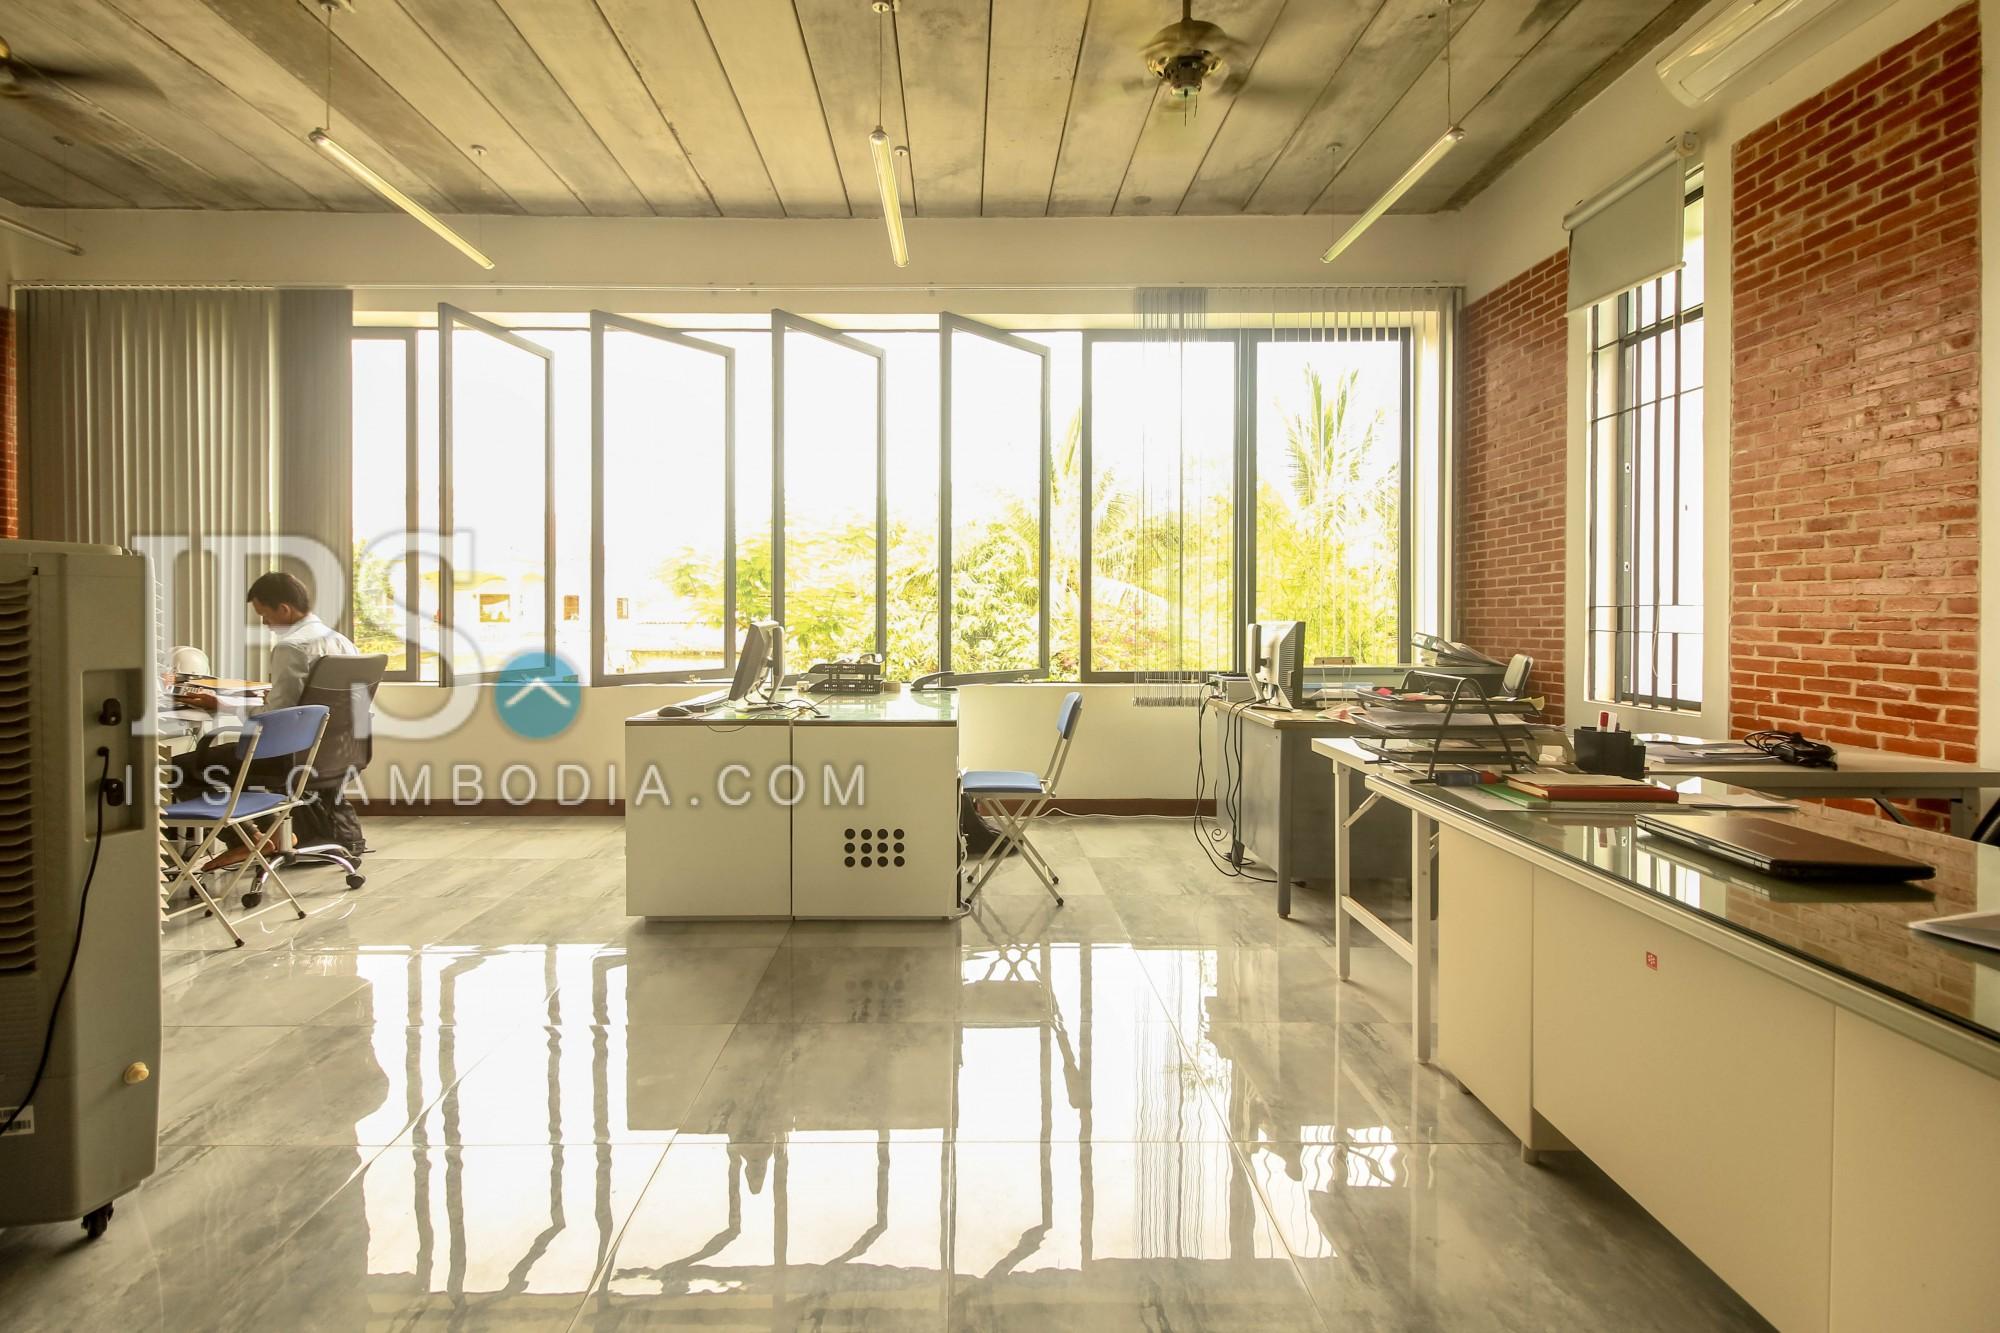 80sqm Office Space  For Rent - Slor Kram, Siem Reap